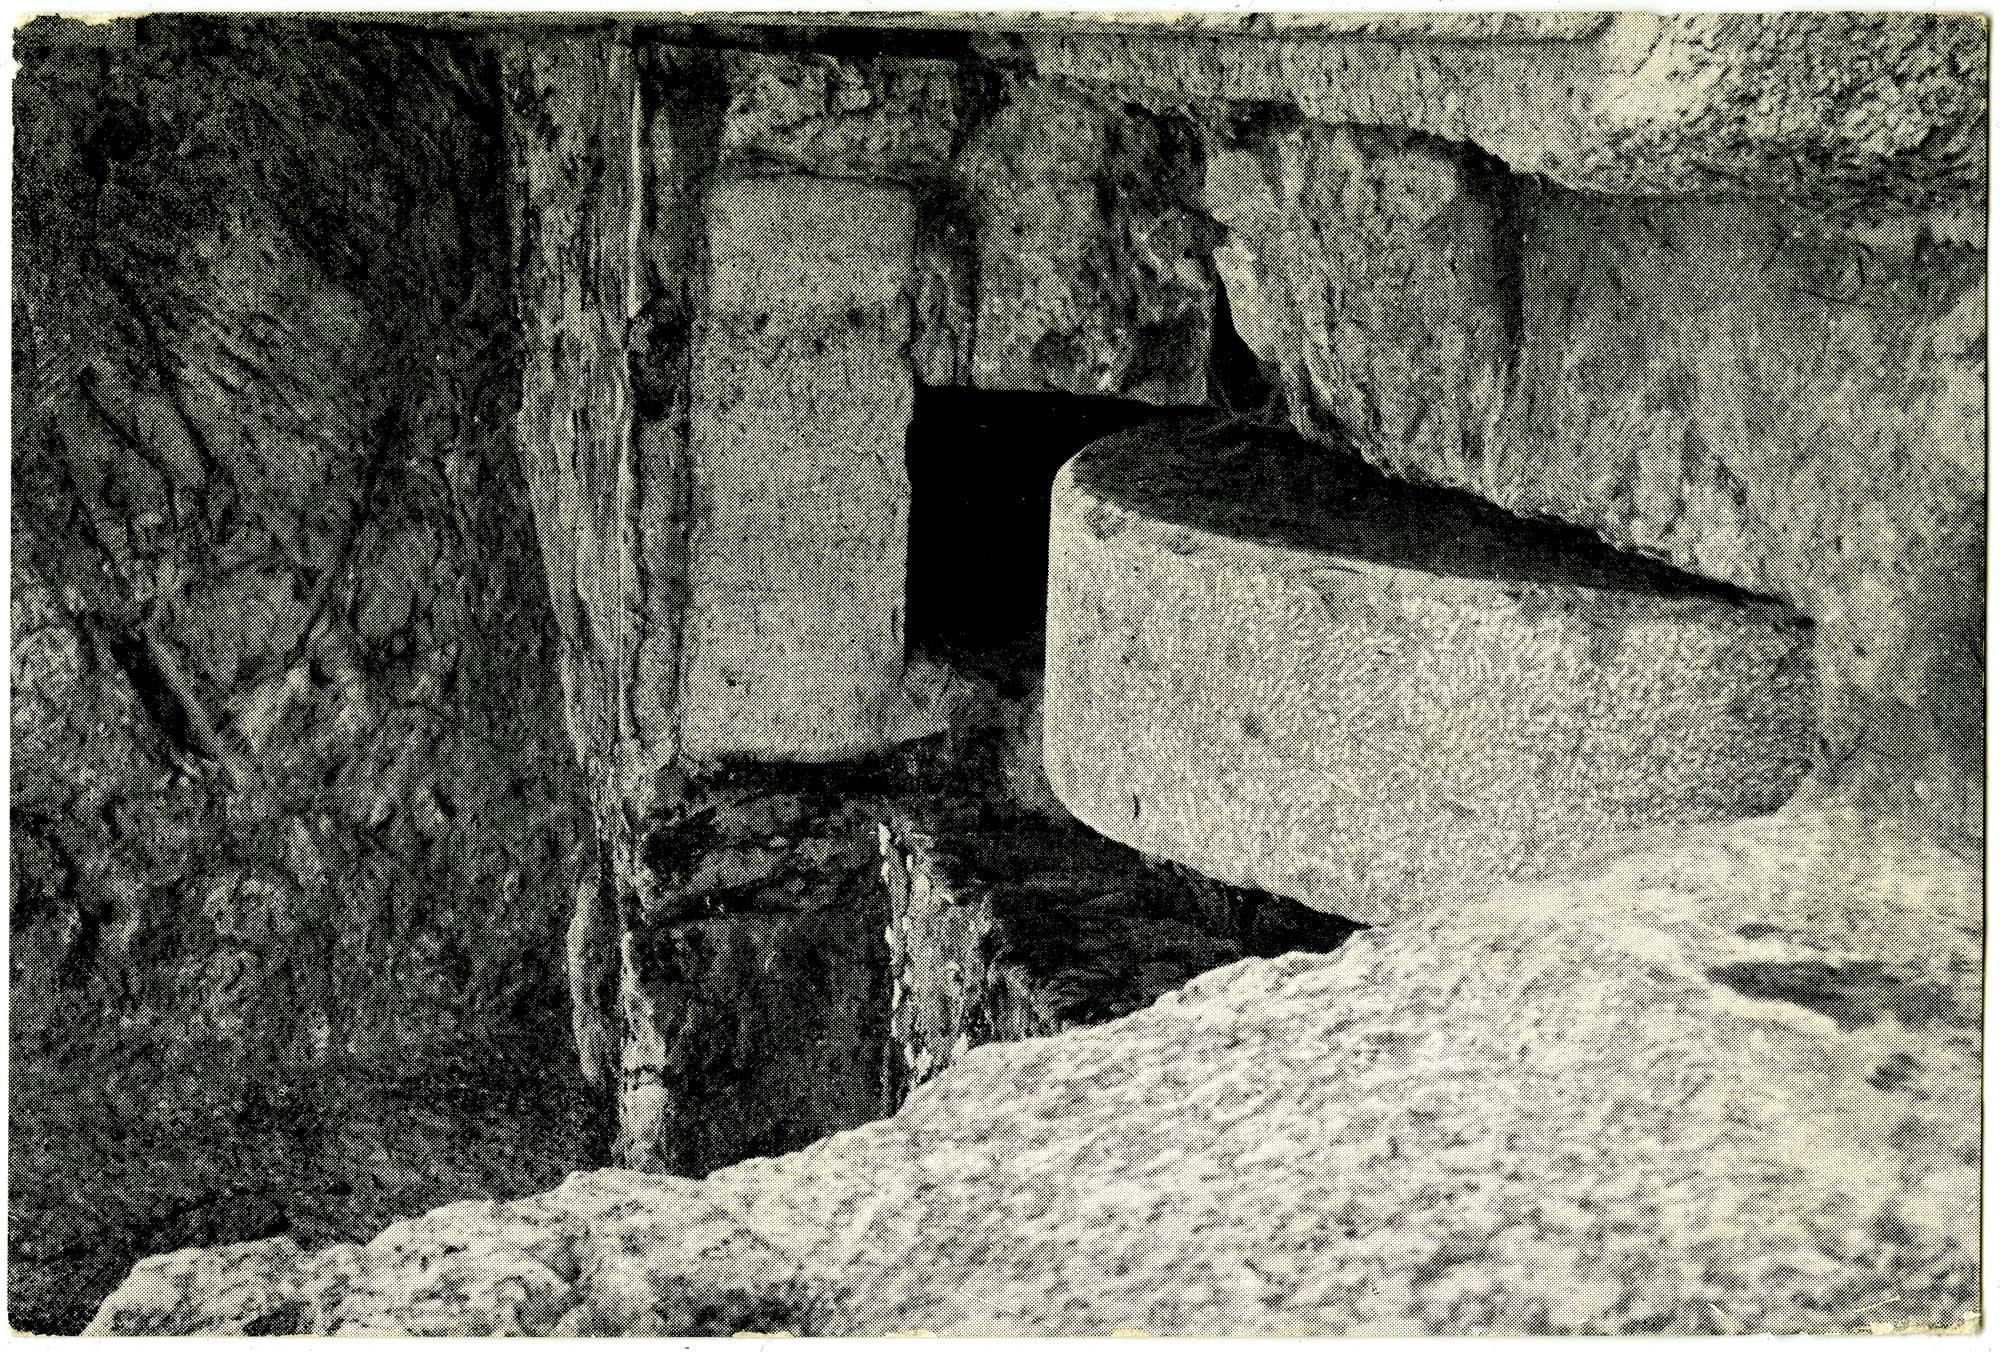 ירושלים. אבן הגולל בפתח קברי בית-הירודס / Jerusalem. Rolling stone at the entrance to the tomb of Herod's household.